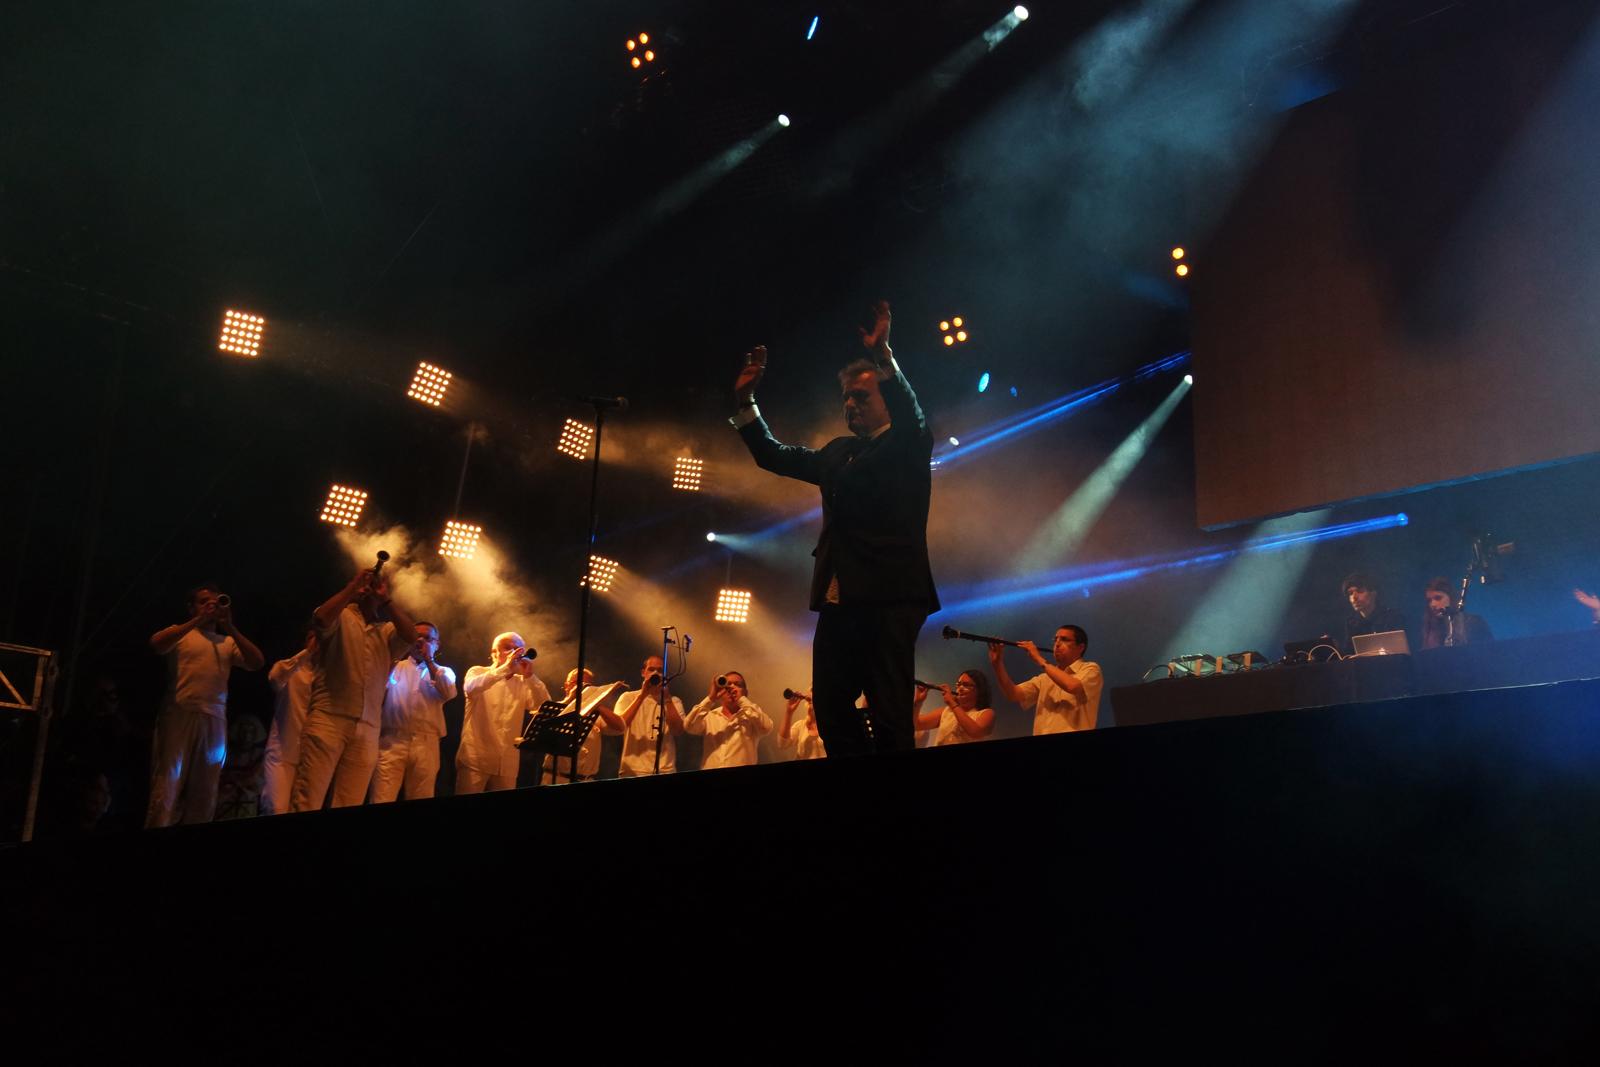 Jean-Charles-de-Castelbajac-JCDC-Mr-Nô-Fantômes-création-mode-et-musique-Art-Rock-festival-avec-le-Bagad-de-Saint-Brieuc-festival-2015-scène-photo-by-united-states-of-paris-blog